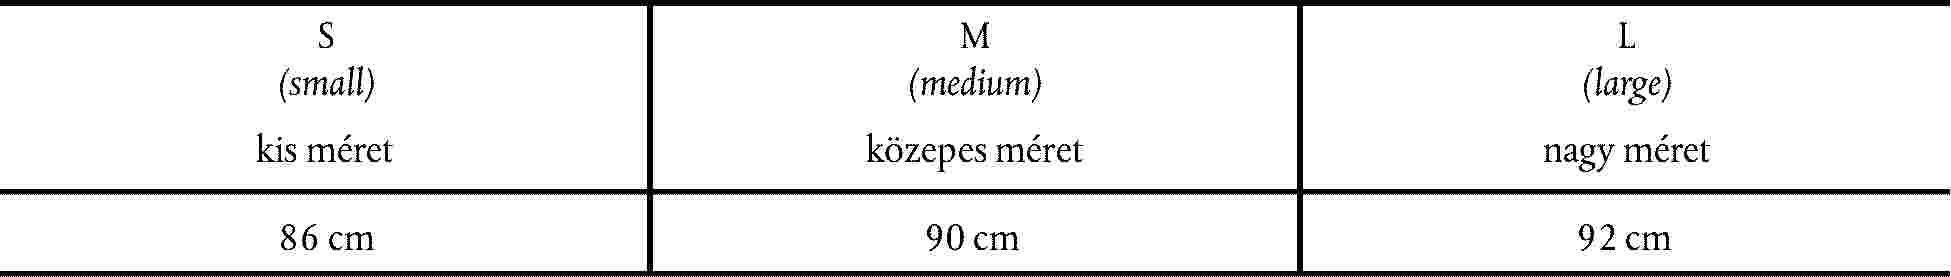 gömbölyű képlet)